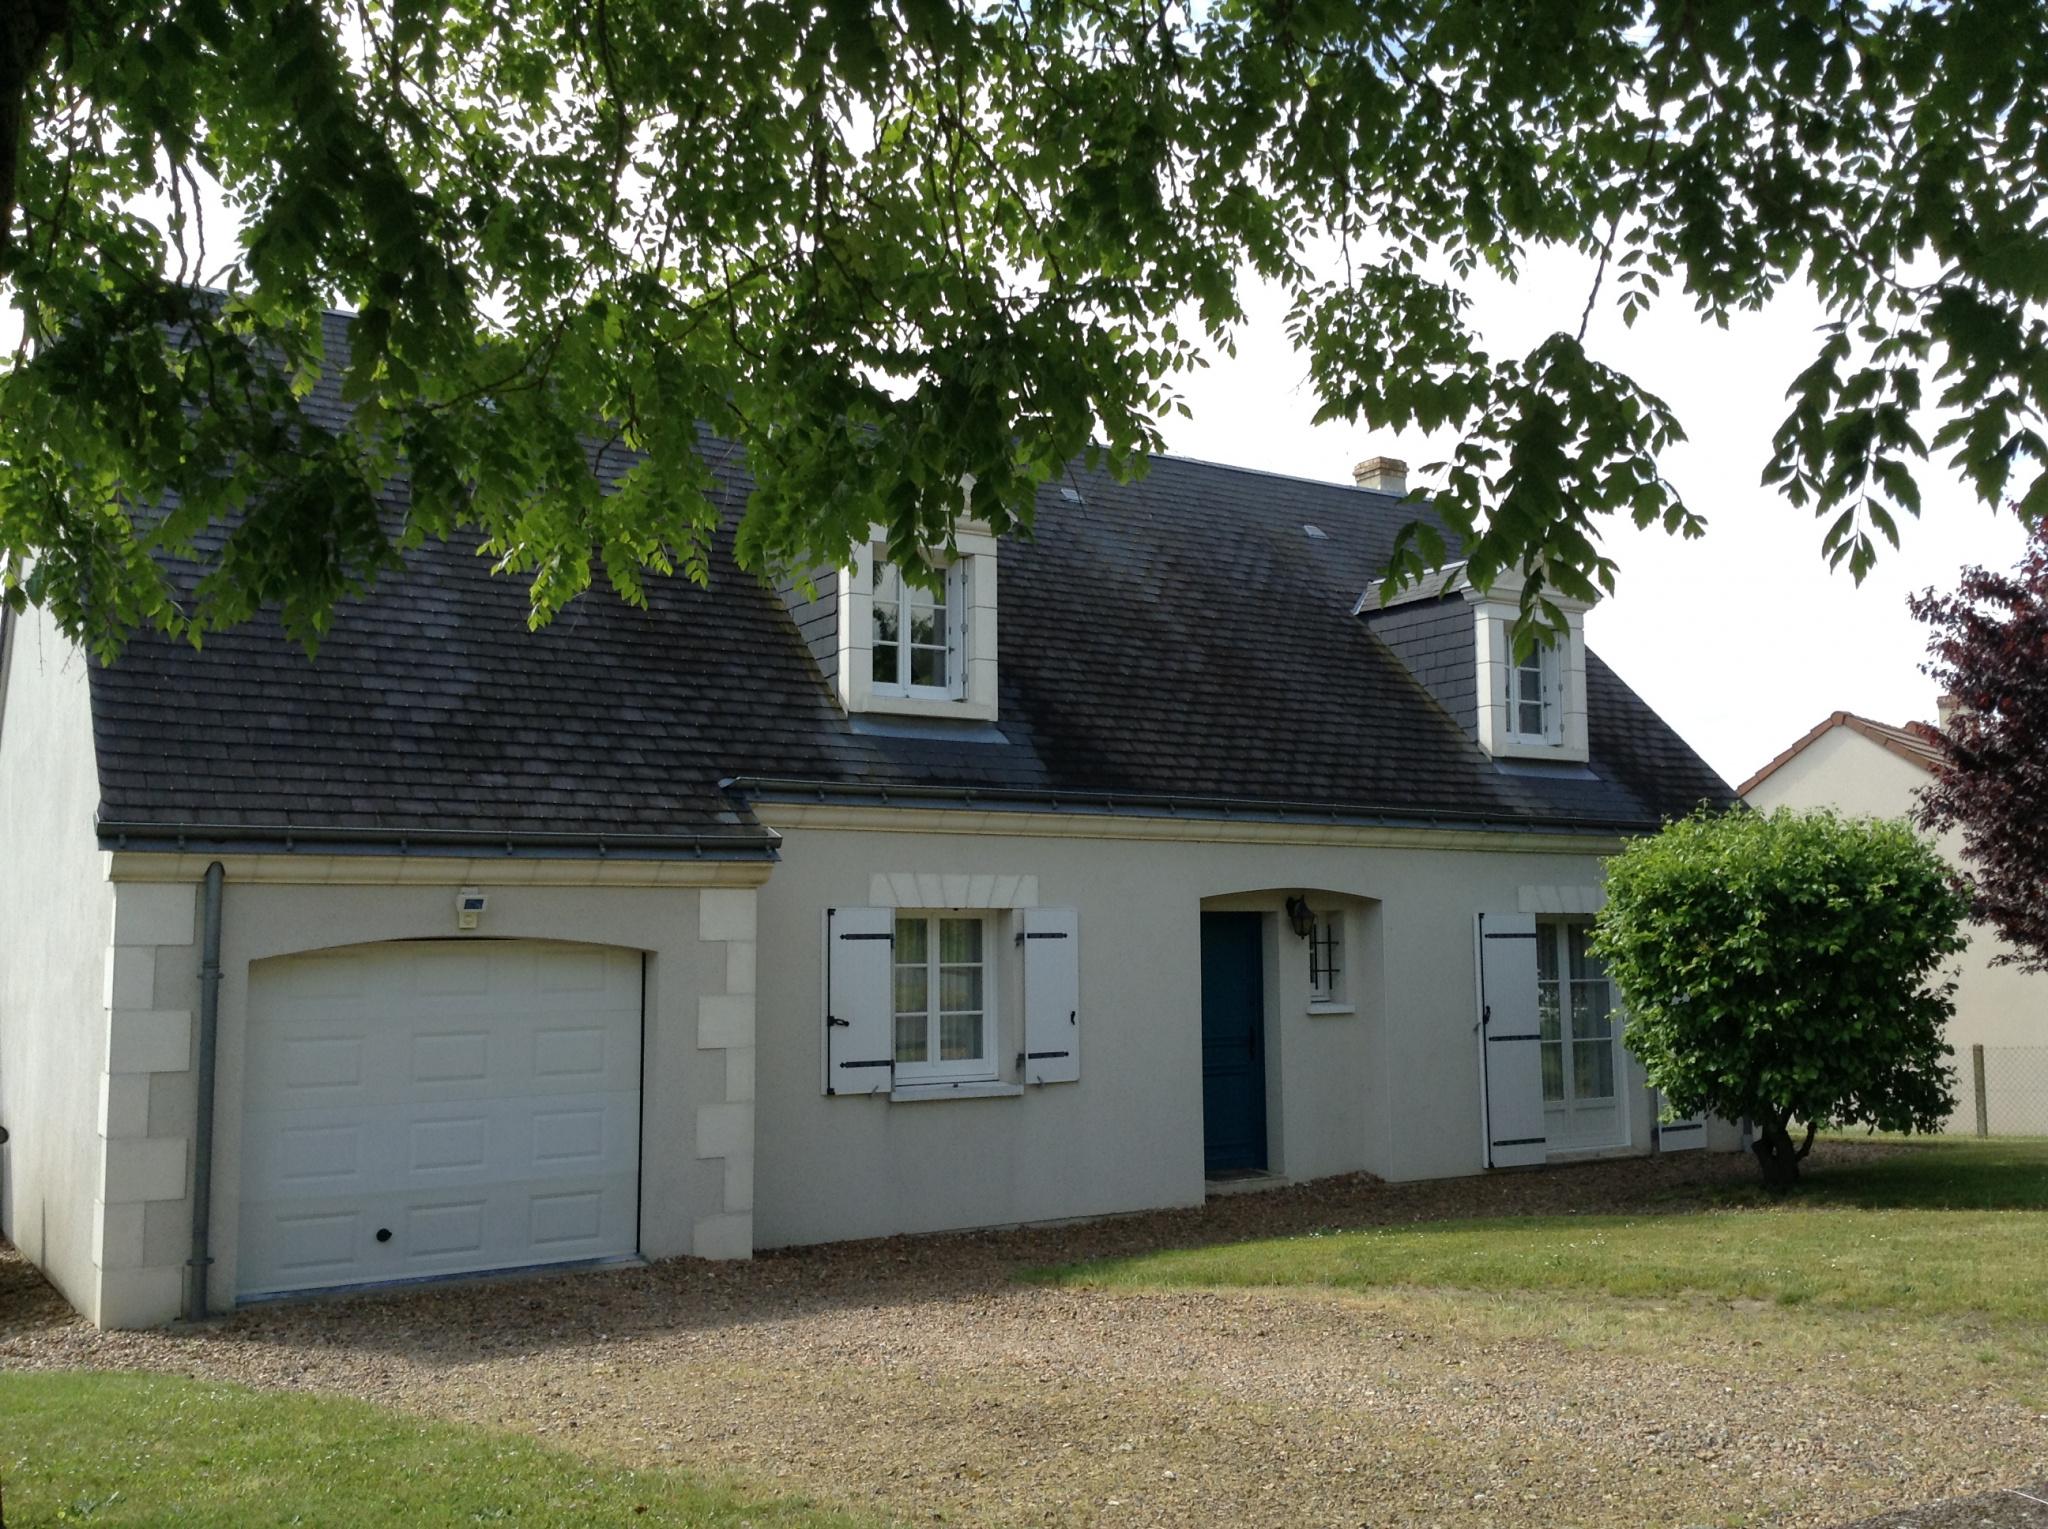 Photo maison/villa en vente sur le secteur de besse sur braye